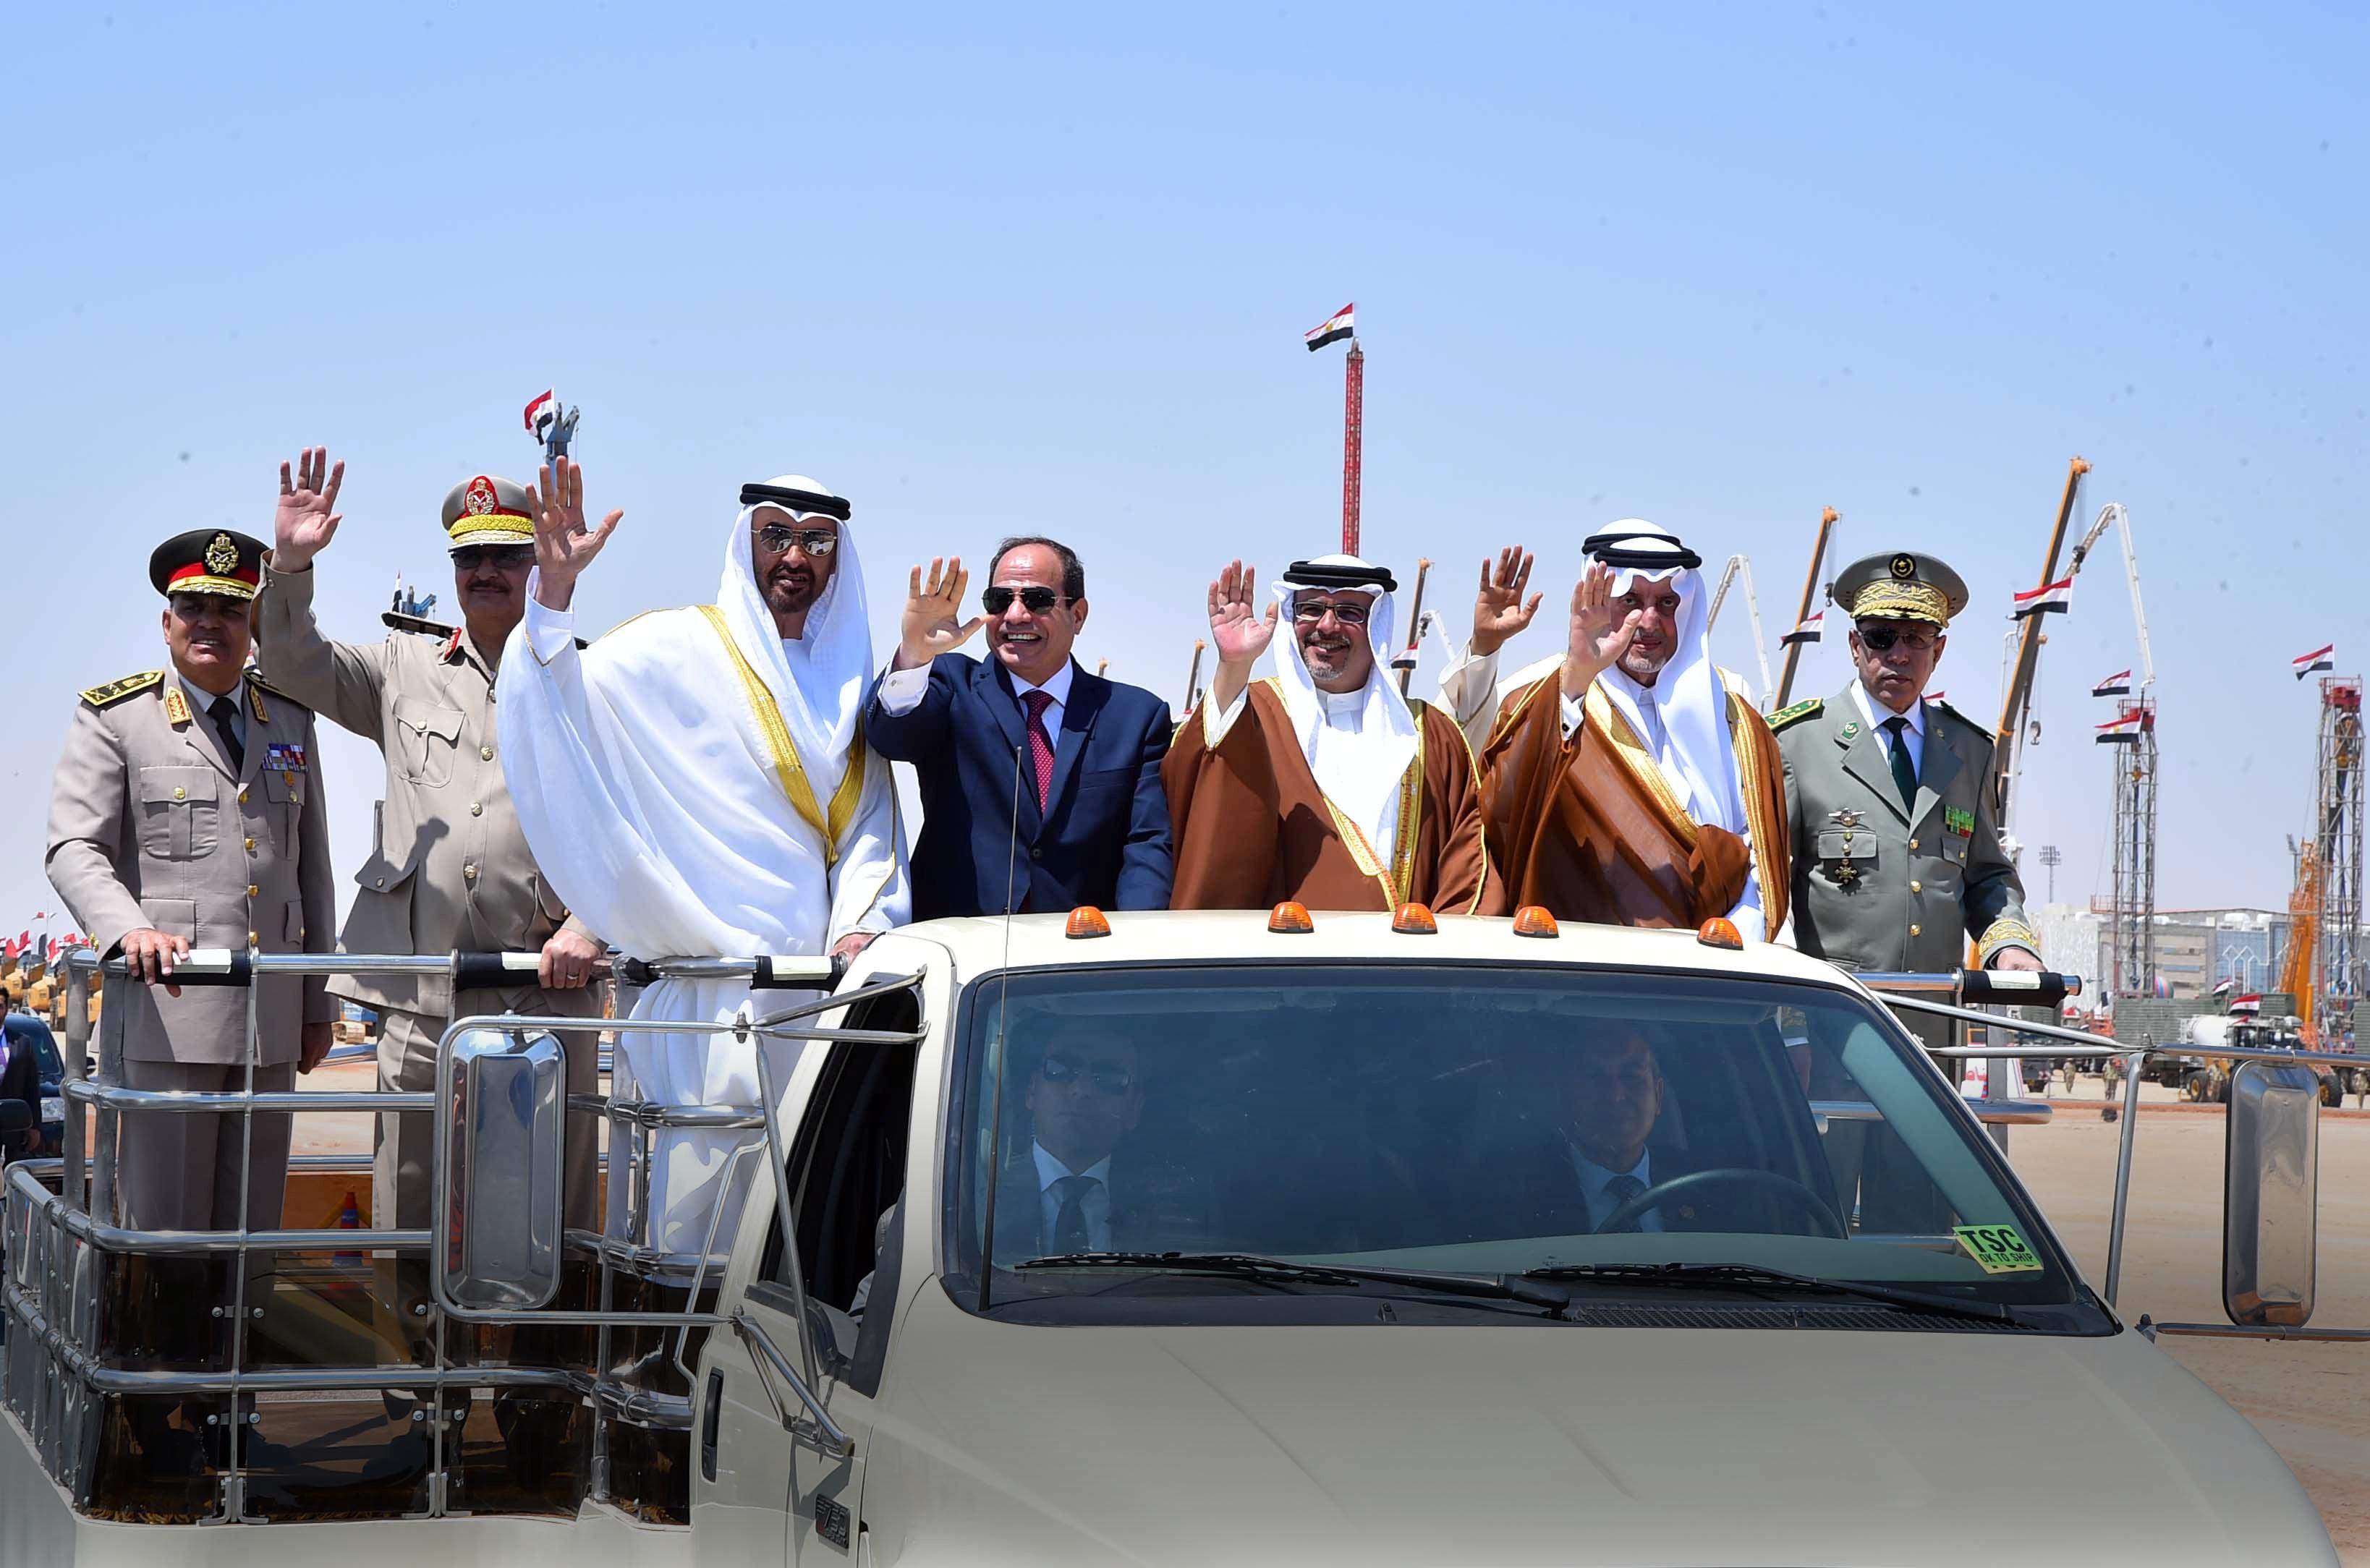 المشير خليفة حفتر يركب سيارة مع القادة العرب في افتتاح قاعدة محمد نجيب العسكرية في مدينة الحمام في مصر